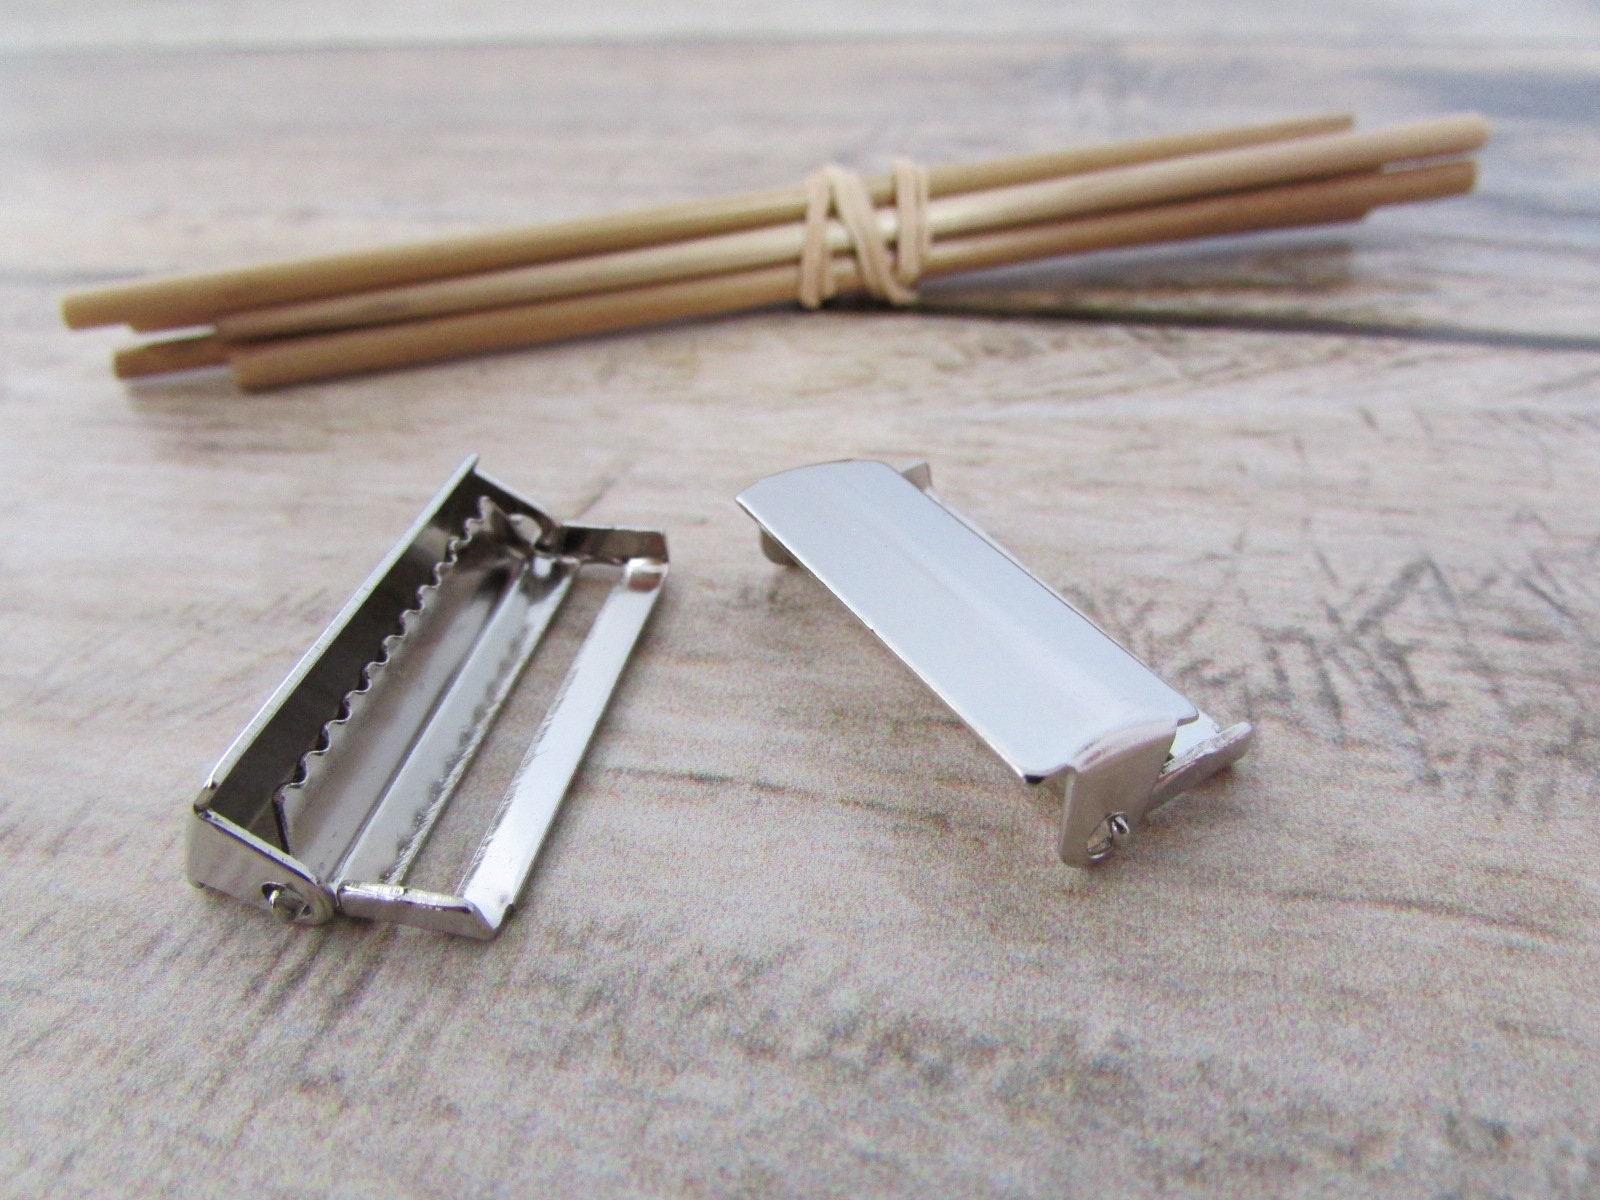 ce9f0558b3a 10 boucle réglable dentelée pour sangle de 2.5 cm métal